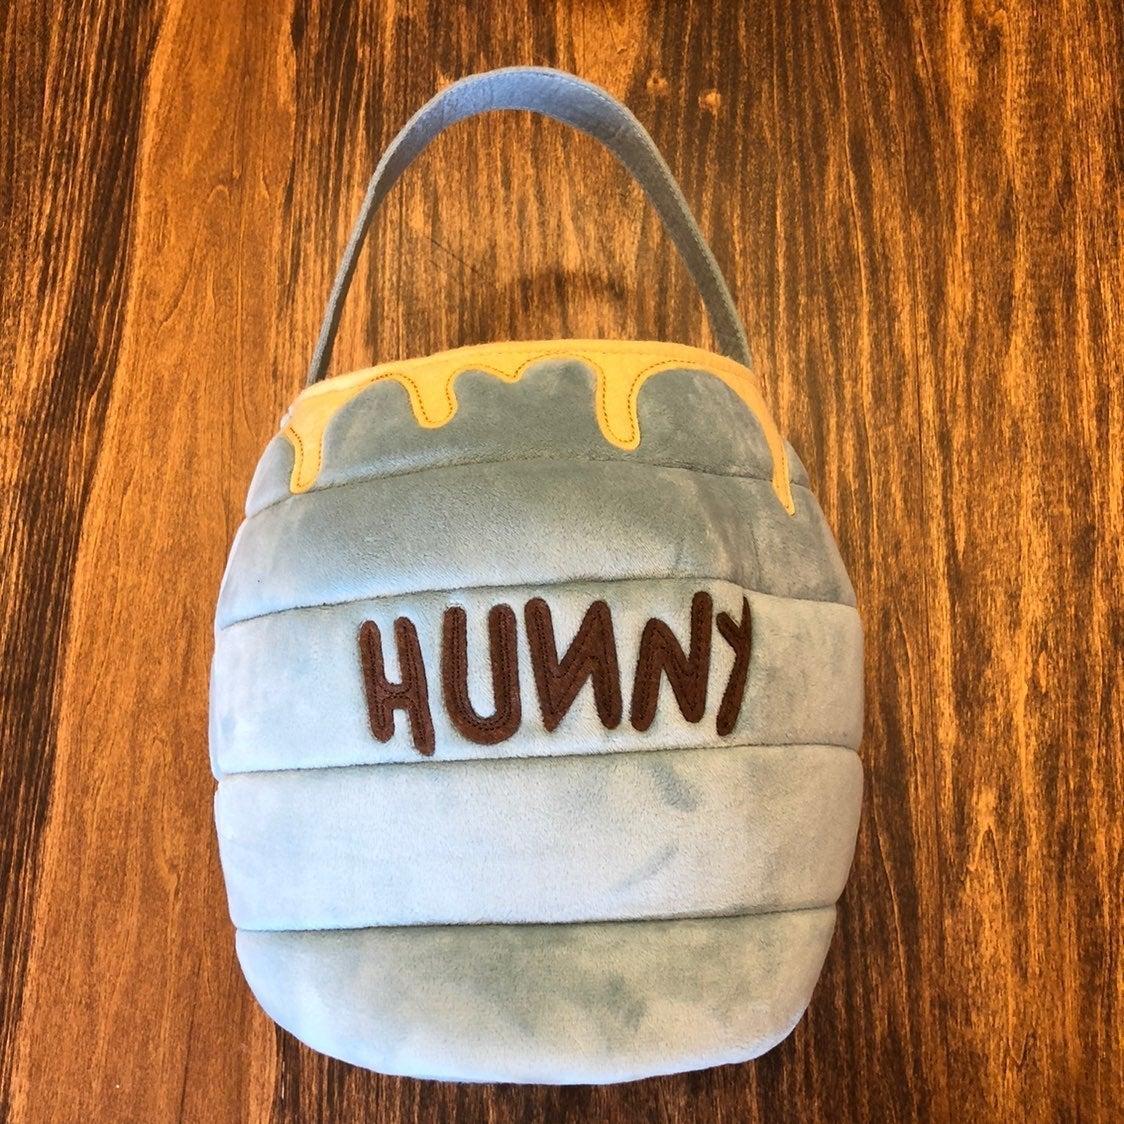 Hunny Pot Bag